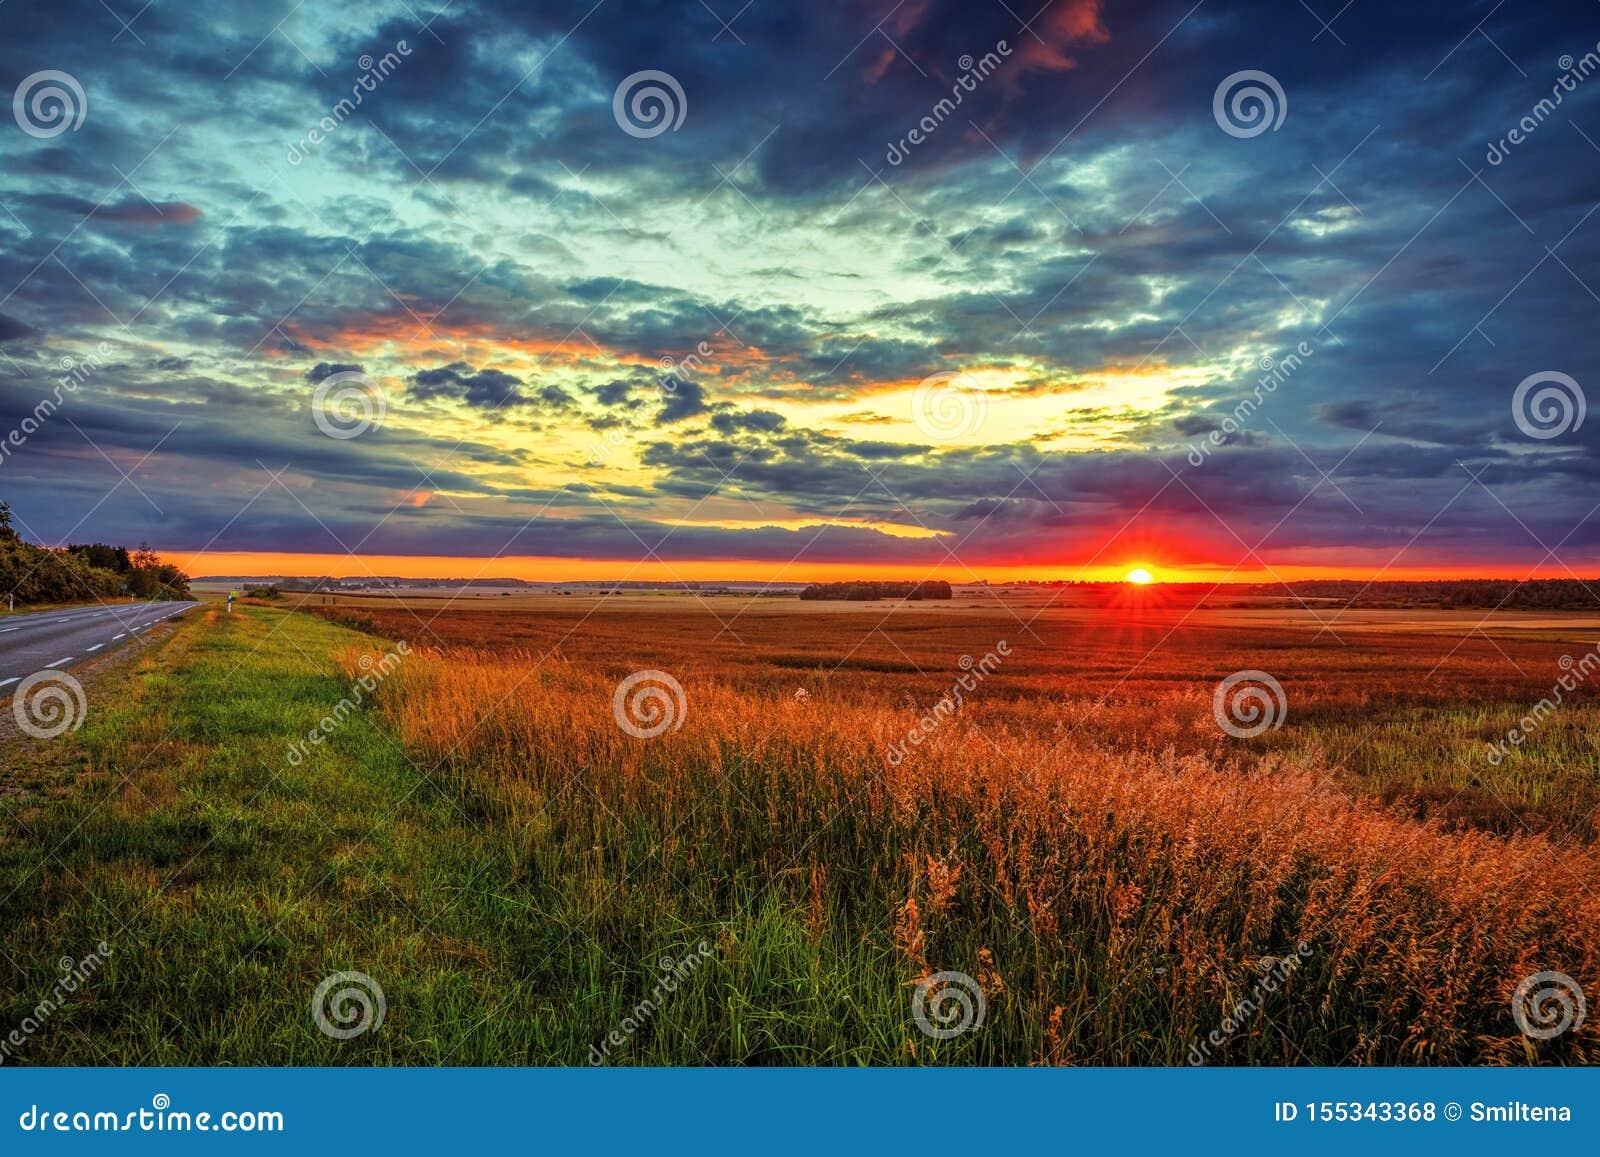 Fantastisk solnedgång över fälten i bygden